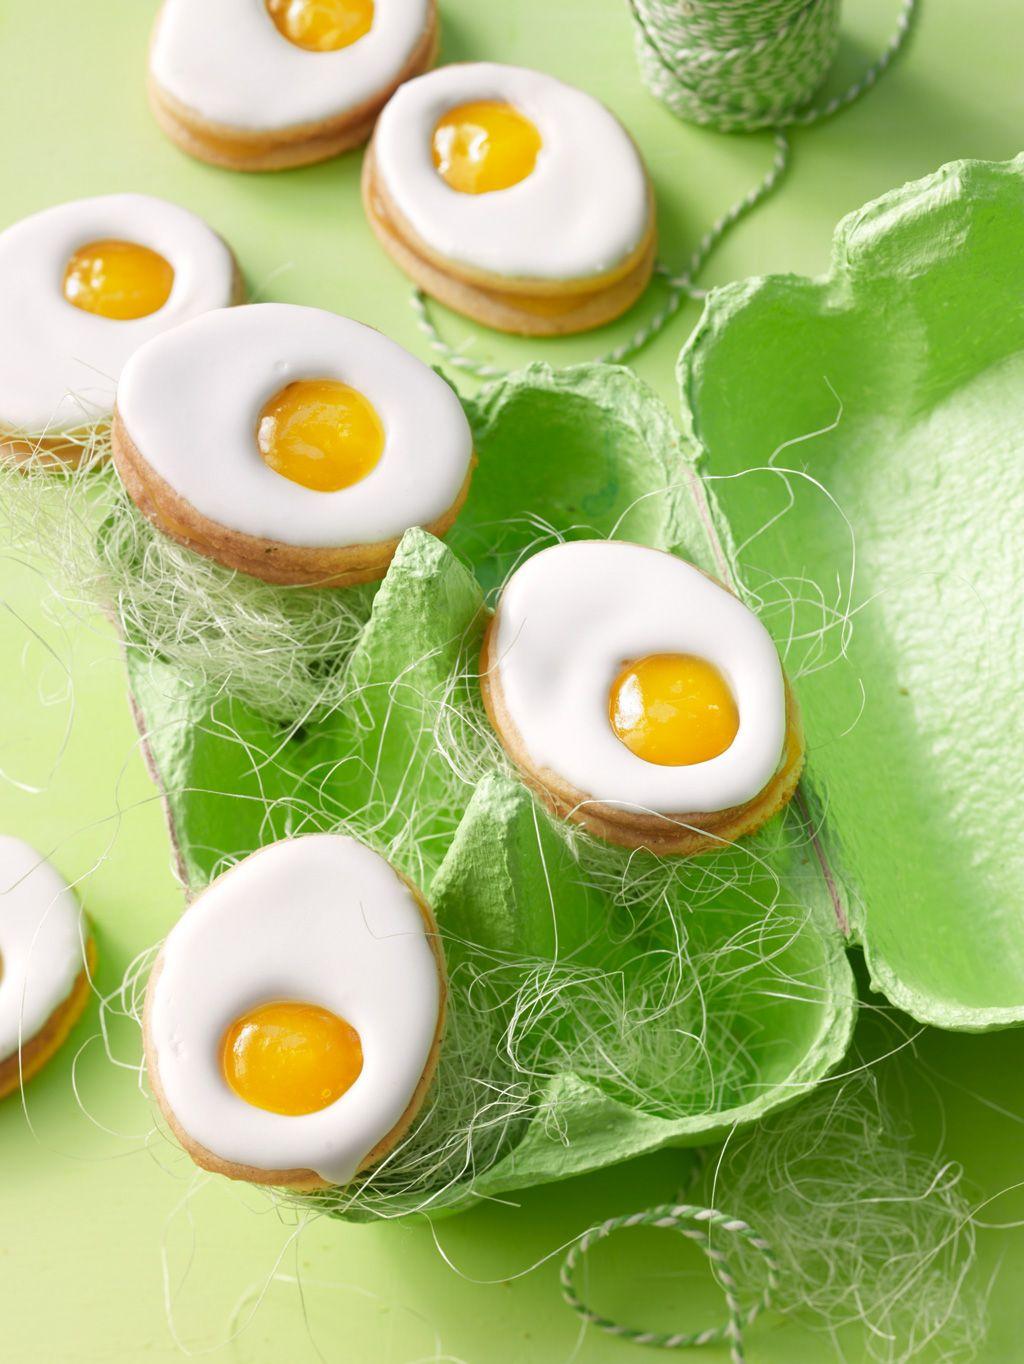 Zitronige Ostereier-Kekse dürfen auf keiner Ostertafel fehlen. Ein Rezept mit Butter, Zucker, Vanille und Lemoncurd von @chefkochde #Ostern #Leckerei #hoppyeaster